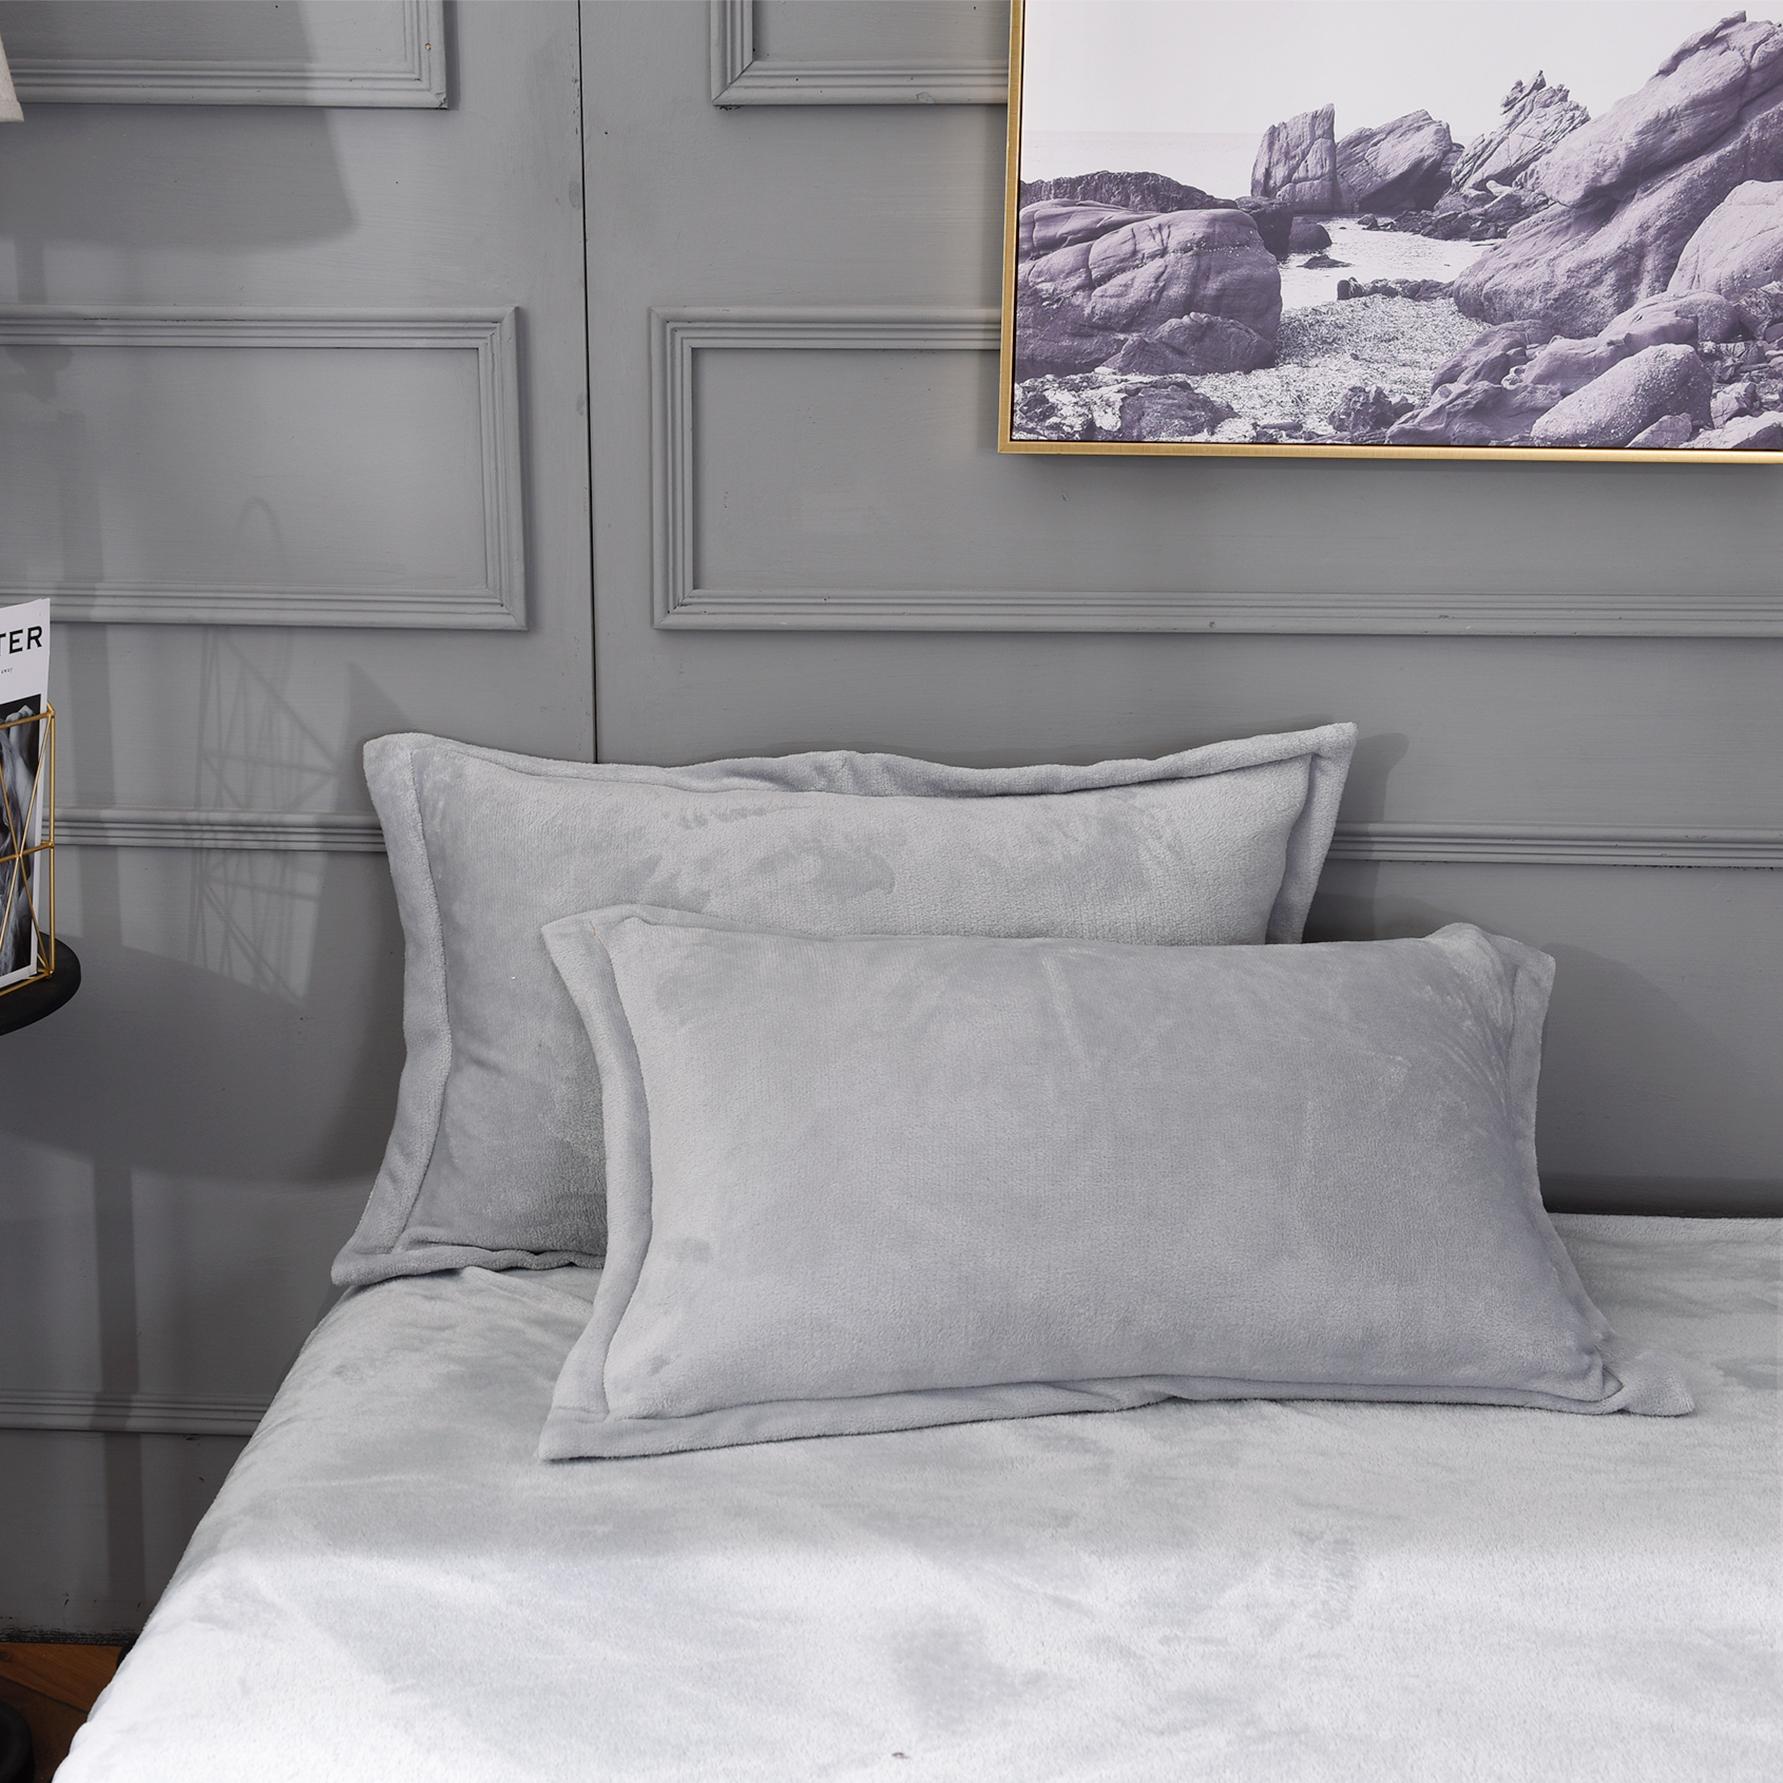 珊瑚绒枕套法莱绒加厚法兰绒枕头套冬天加绒保暖学生宿舍一对一只